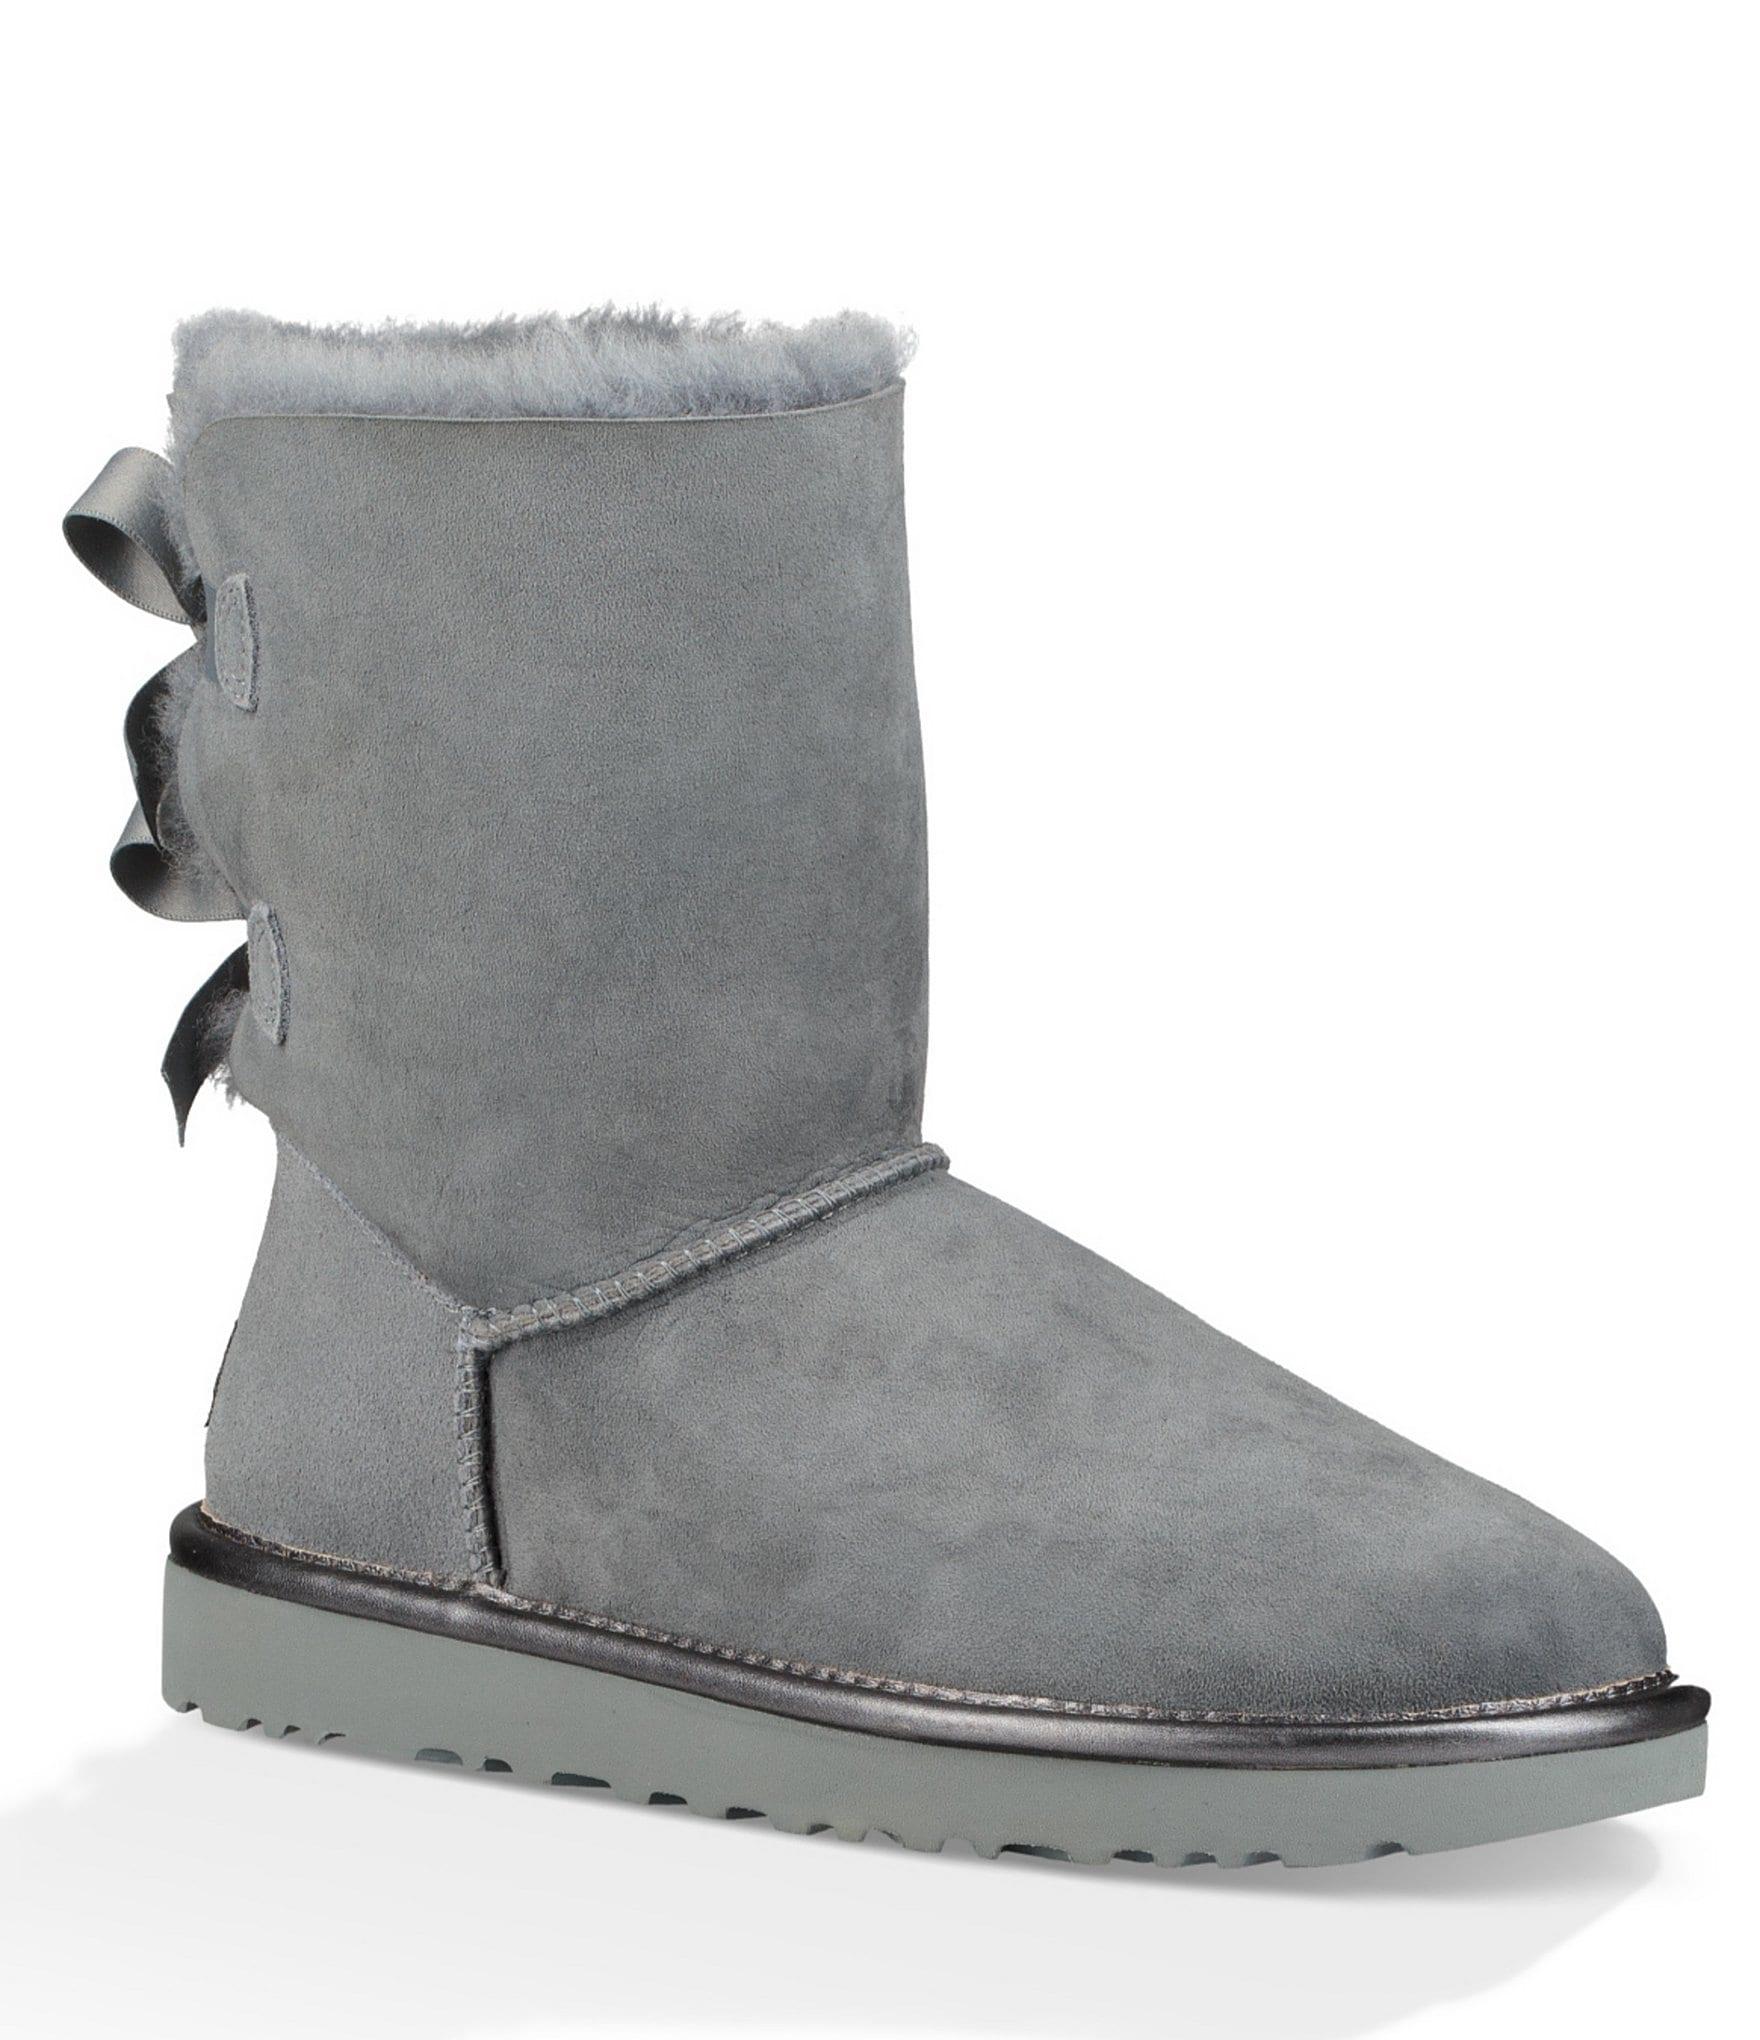 b777c3aaf19 ugg sheepskin cuff boot grey key